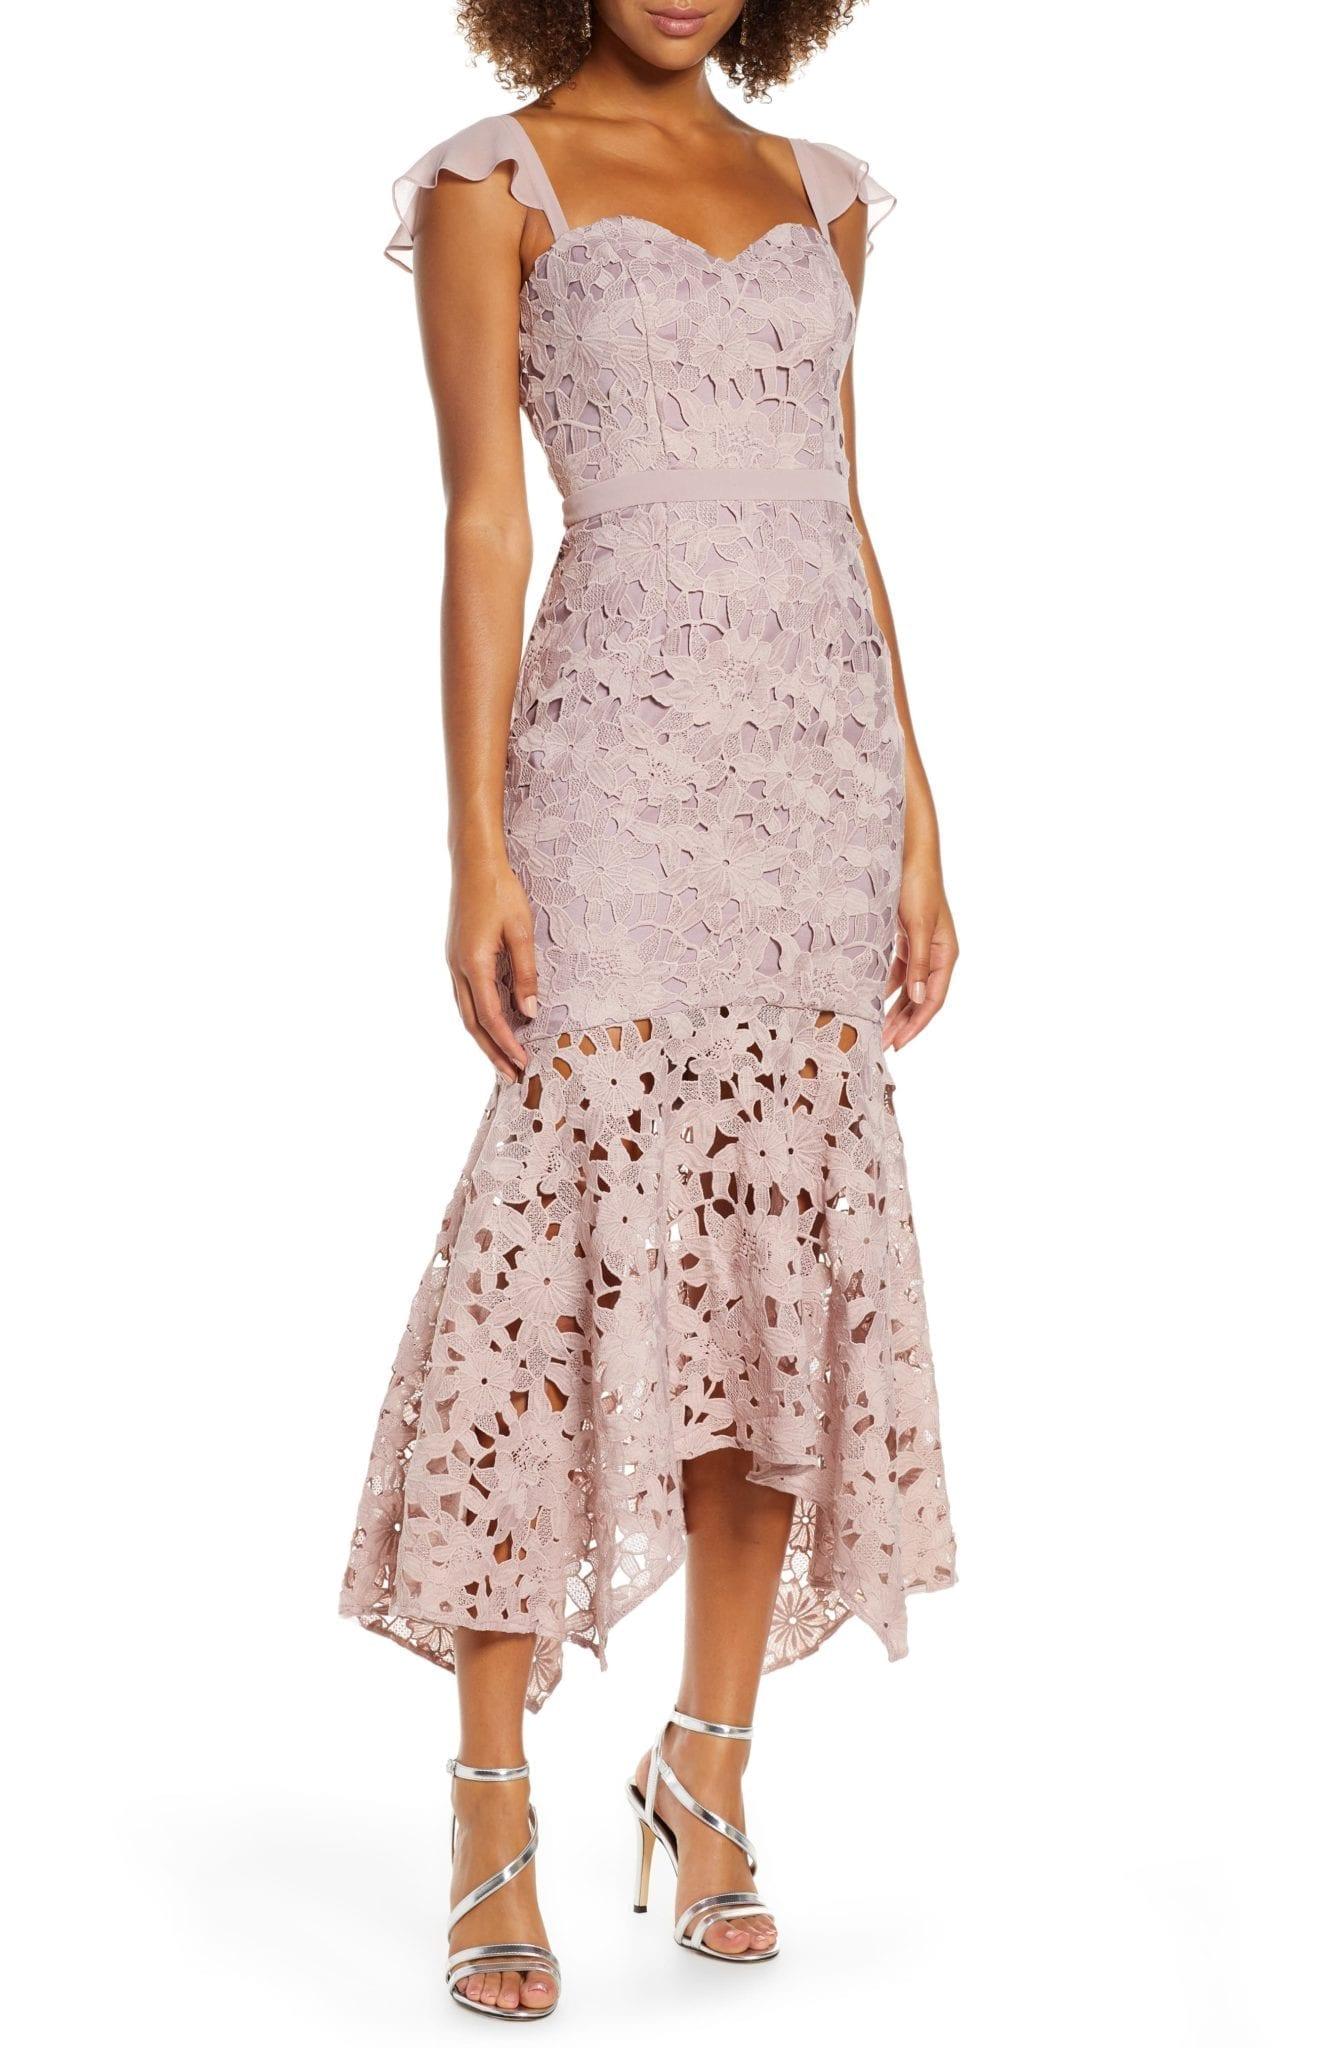 CHI CHI LONDON Ramona Lace Mermaid Dress